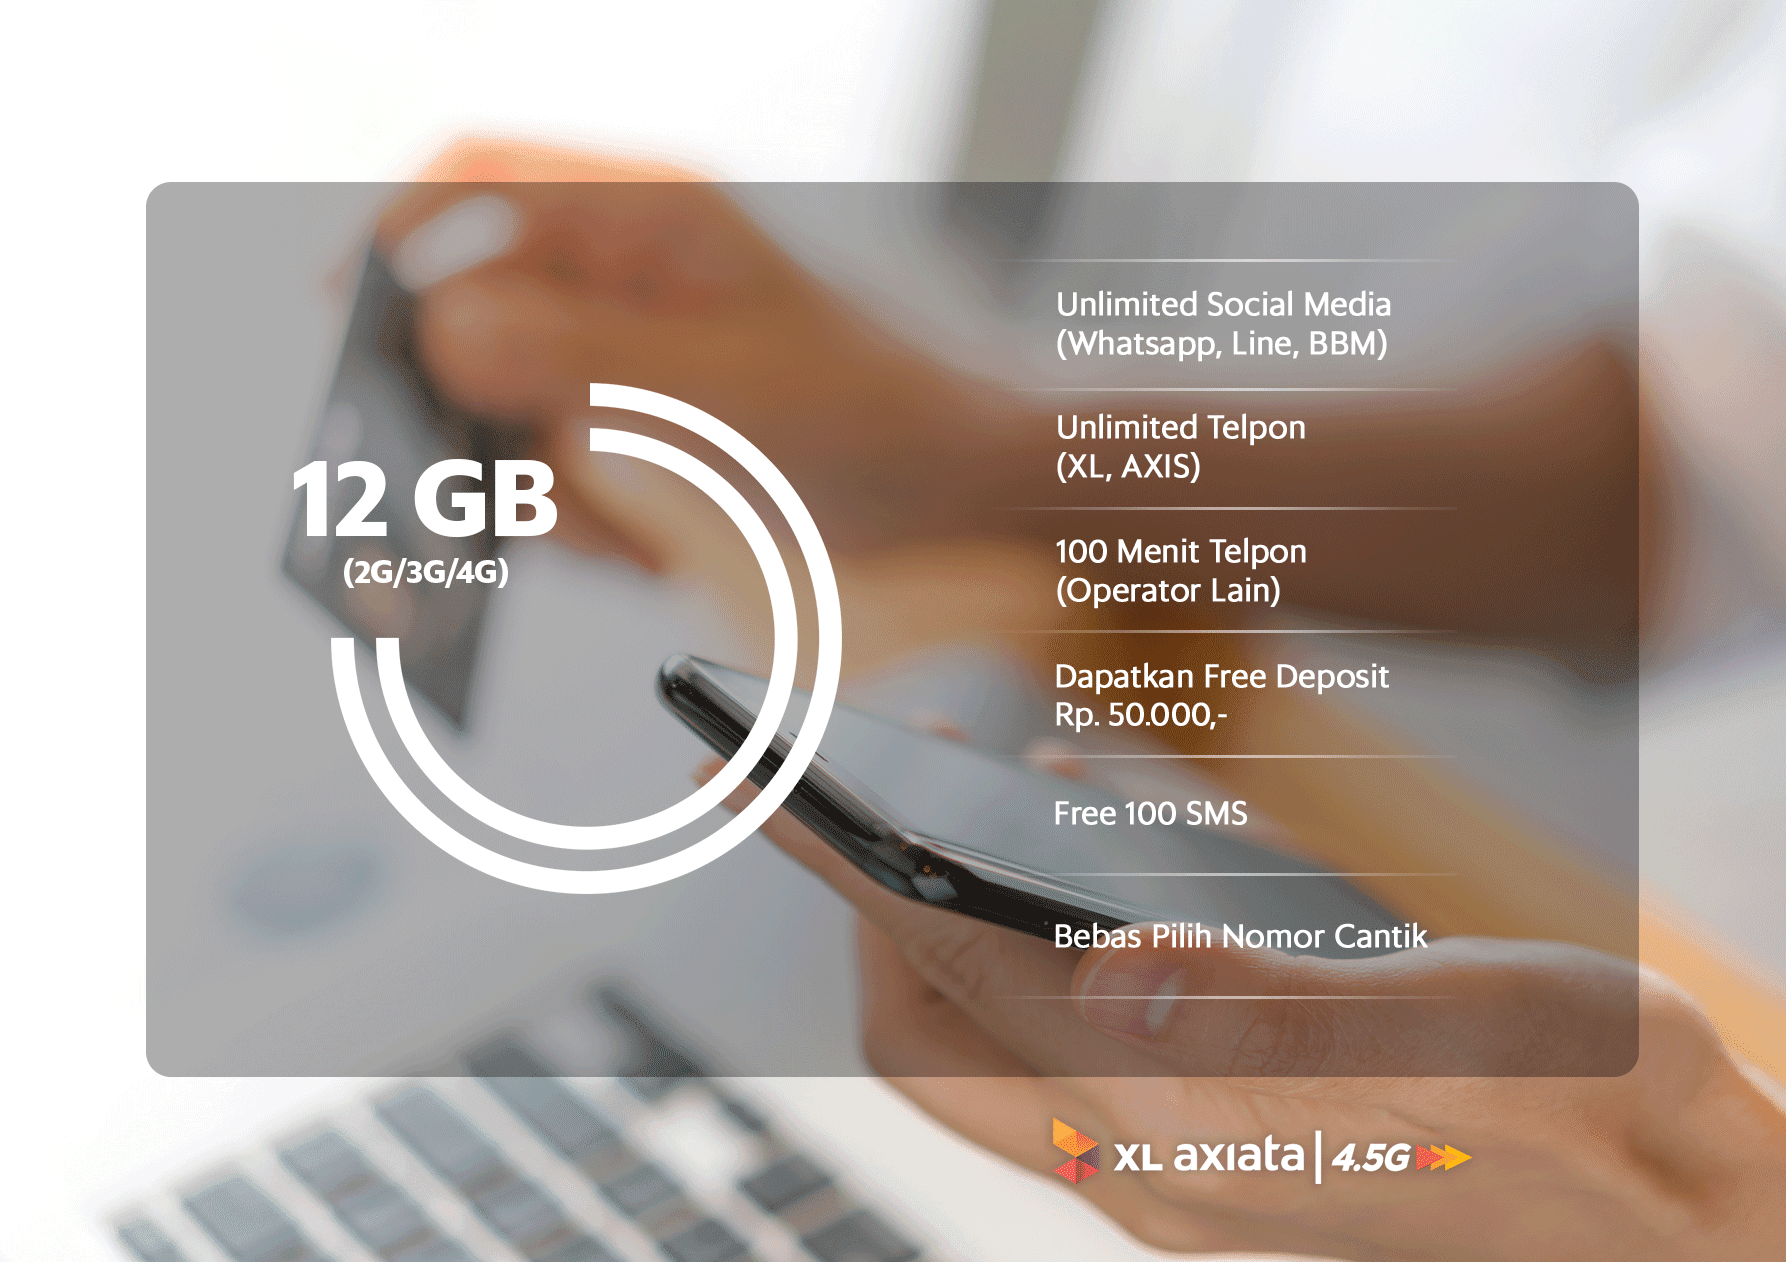 Mitra Grab Jawa Timur Promo Menarik Xl Prioritas Id Axis 4g Dan 3g Dengan Bergabung Bersama Jaringan Bisa Mendapatkan Benefit Sebagai Berikut